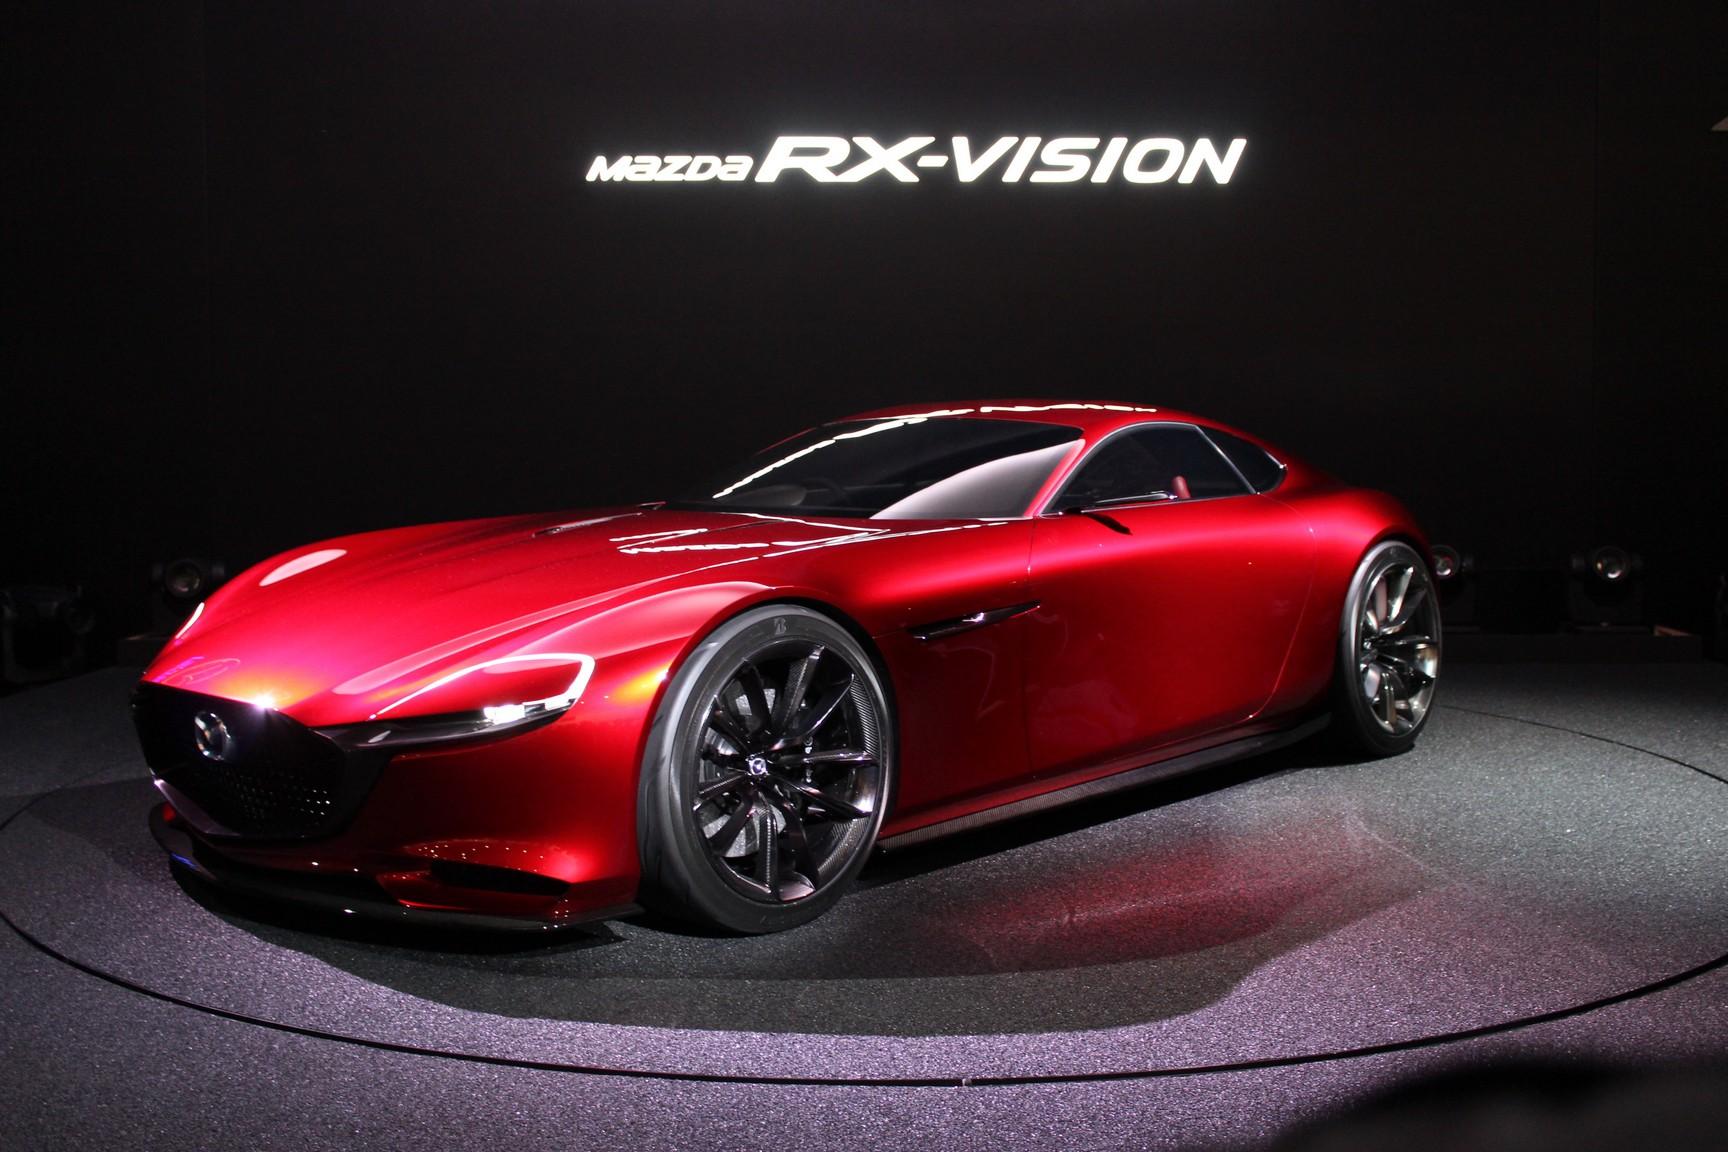 Mazda RX4